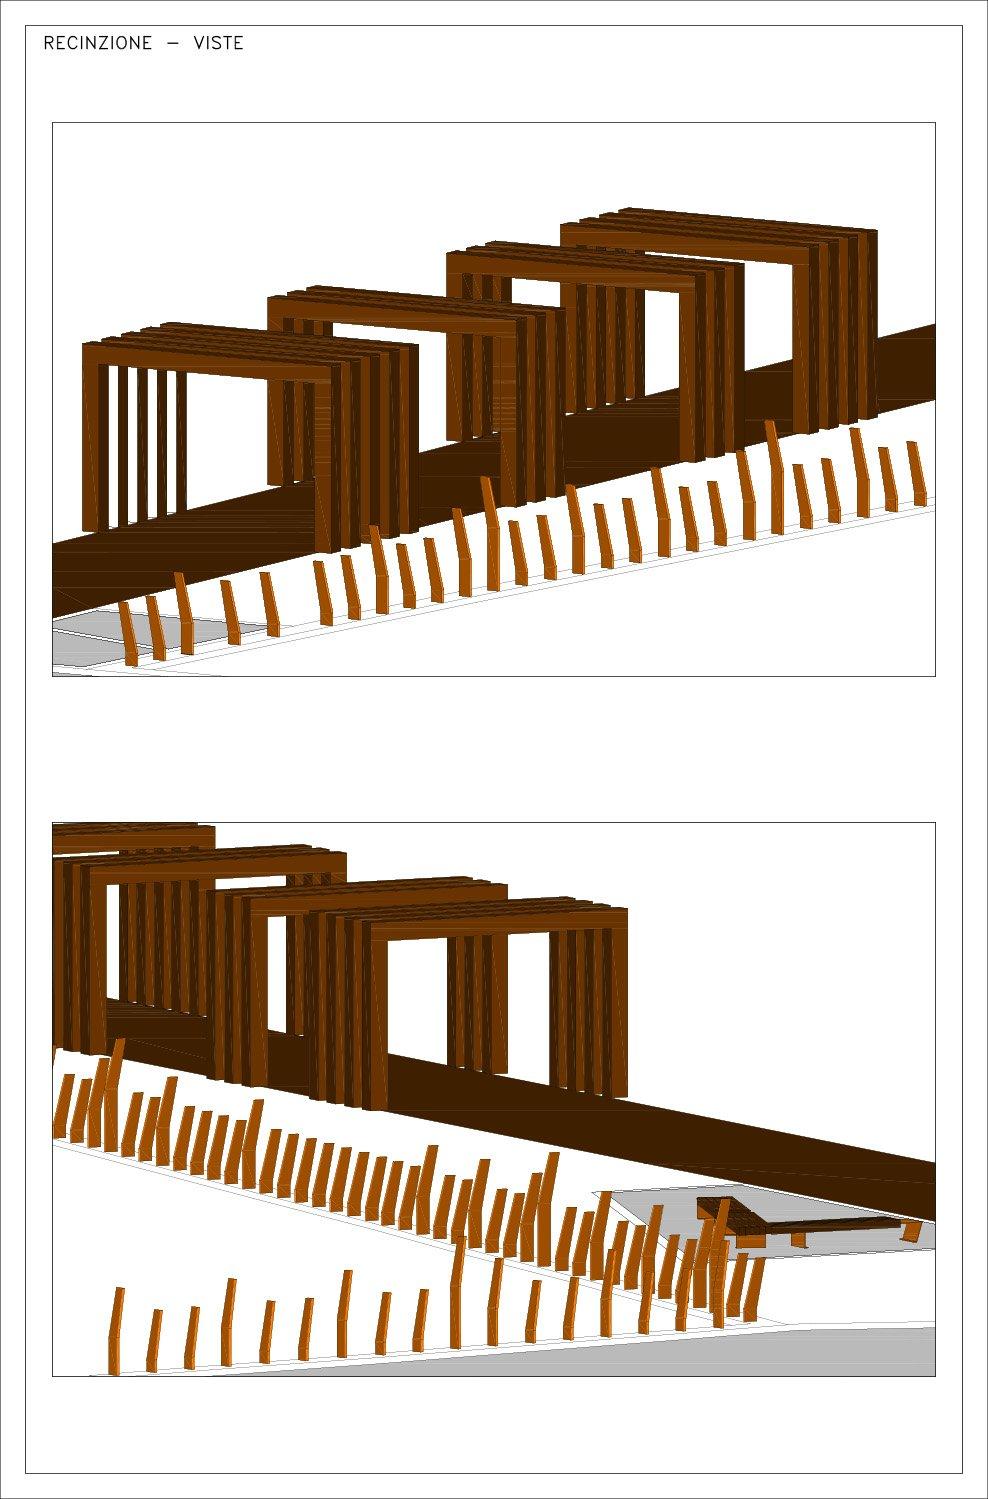 Viste recinzione e portali arch. Fabrizio Cassibba arch. Valentina Careri}